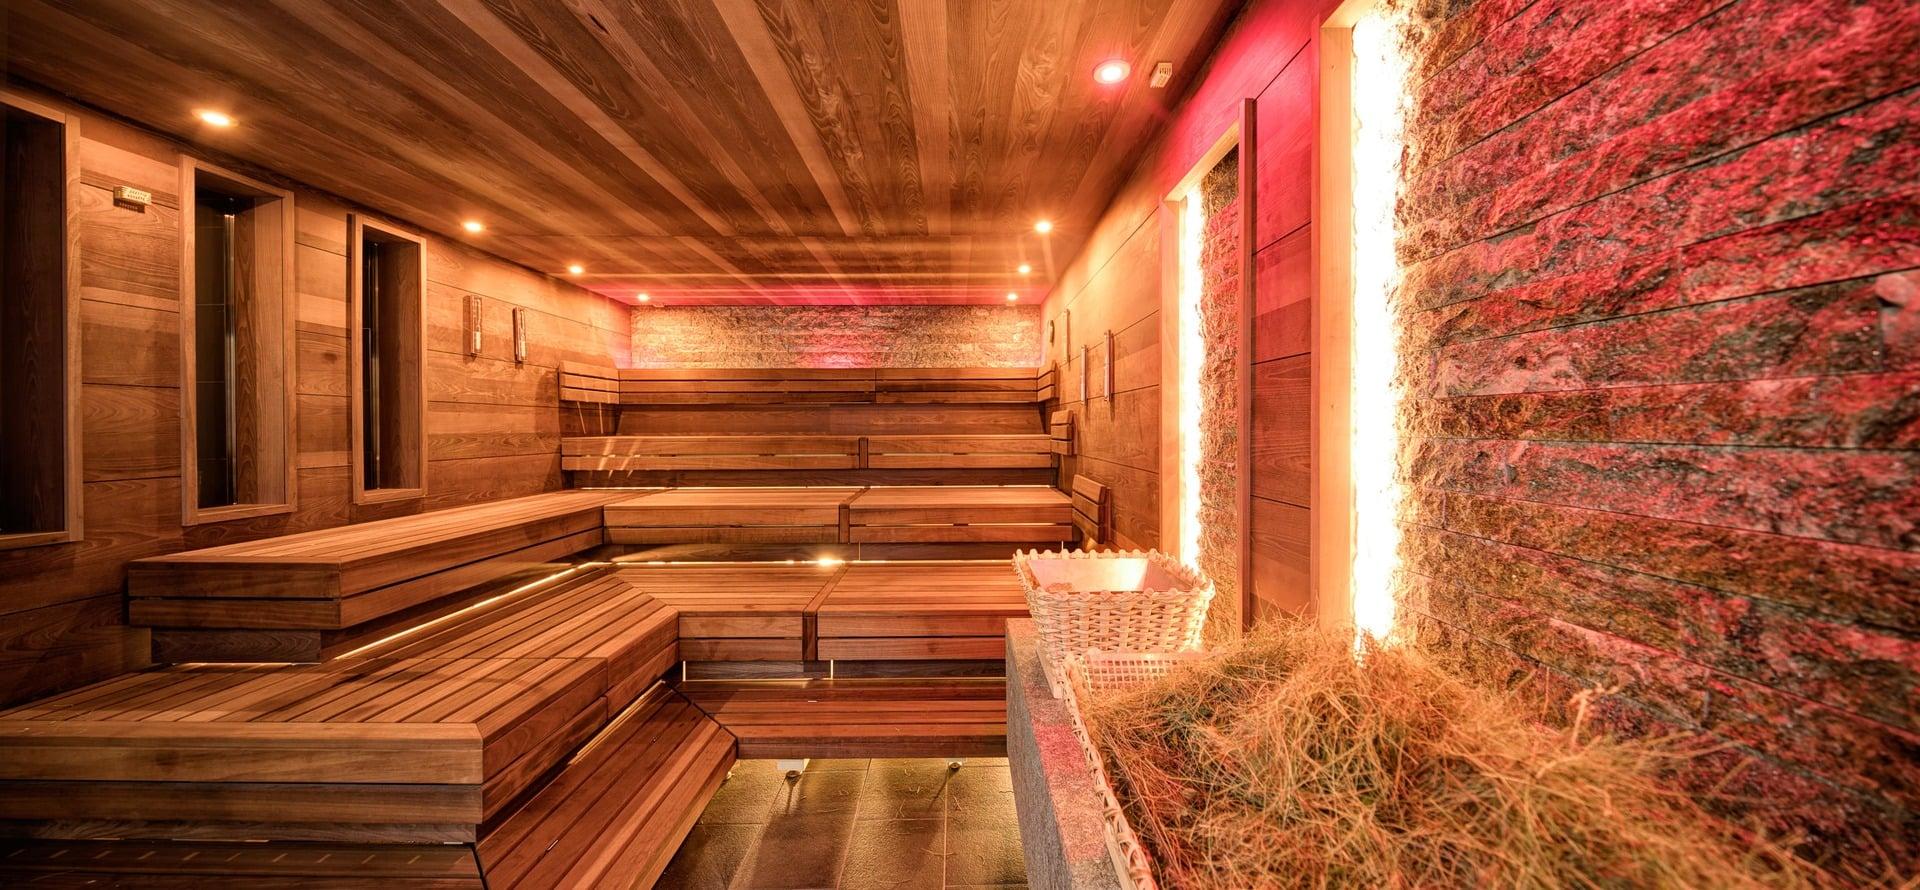 Terme di Merano sauna al fieno bio - Costruzioni in legno e ...